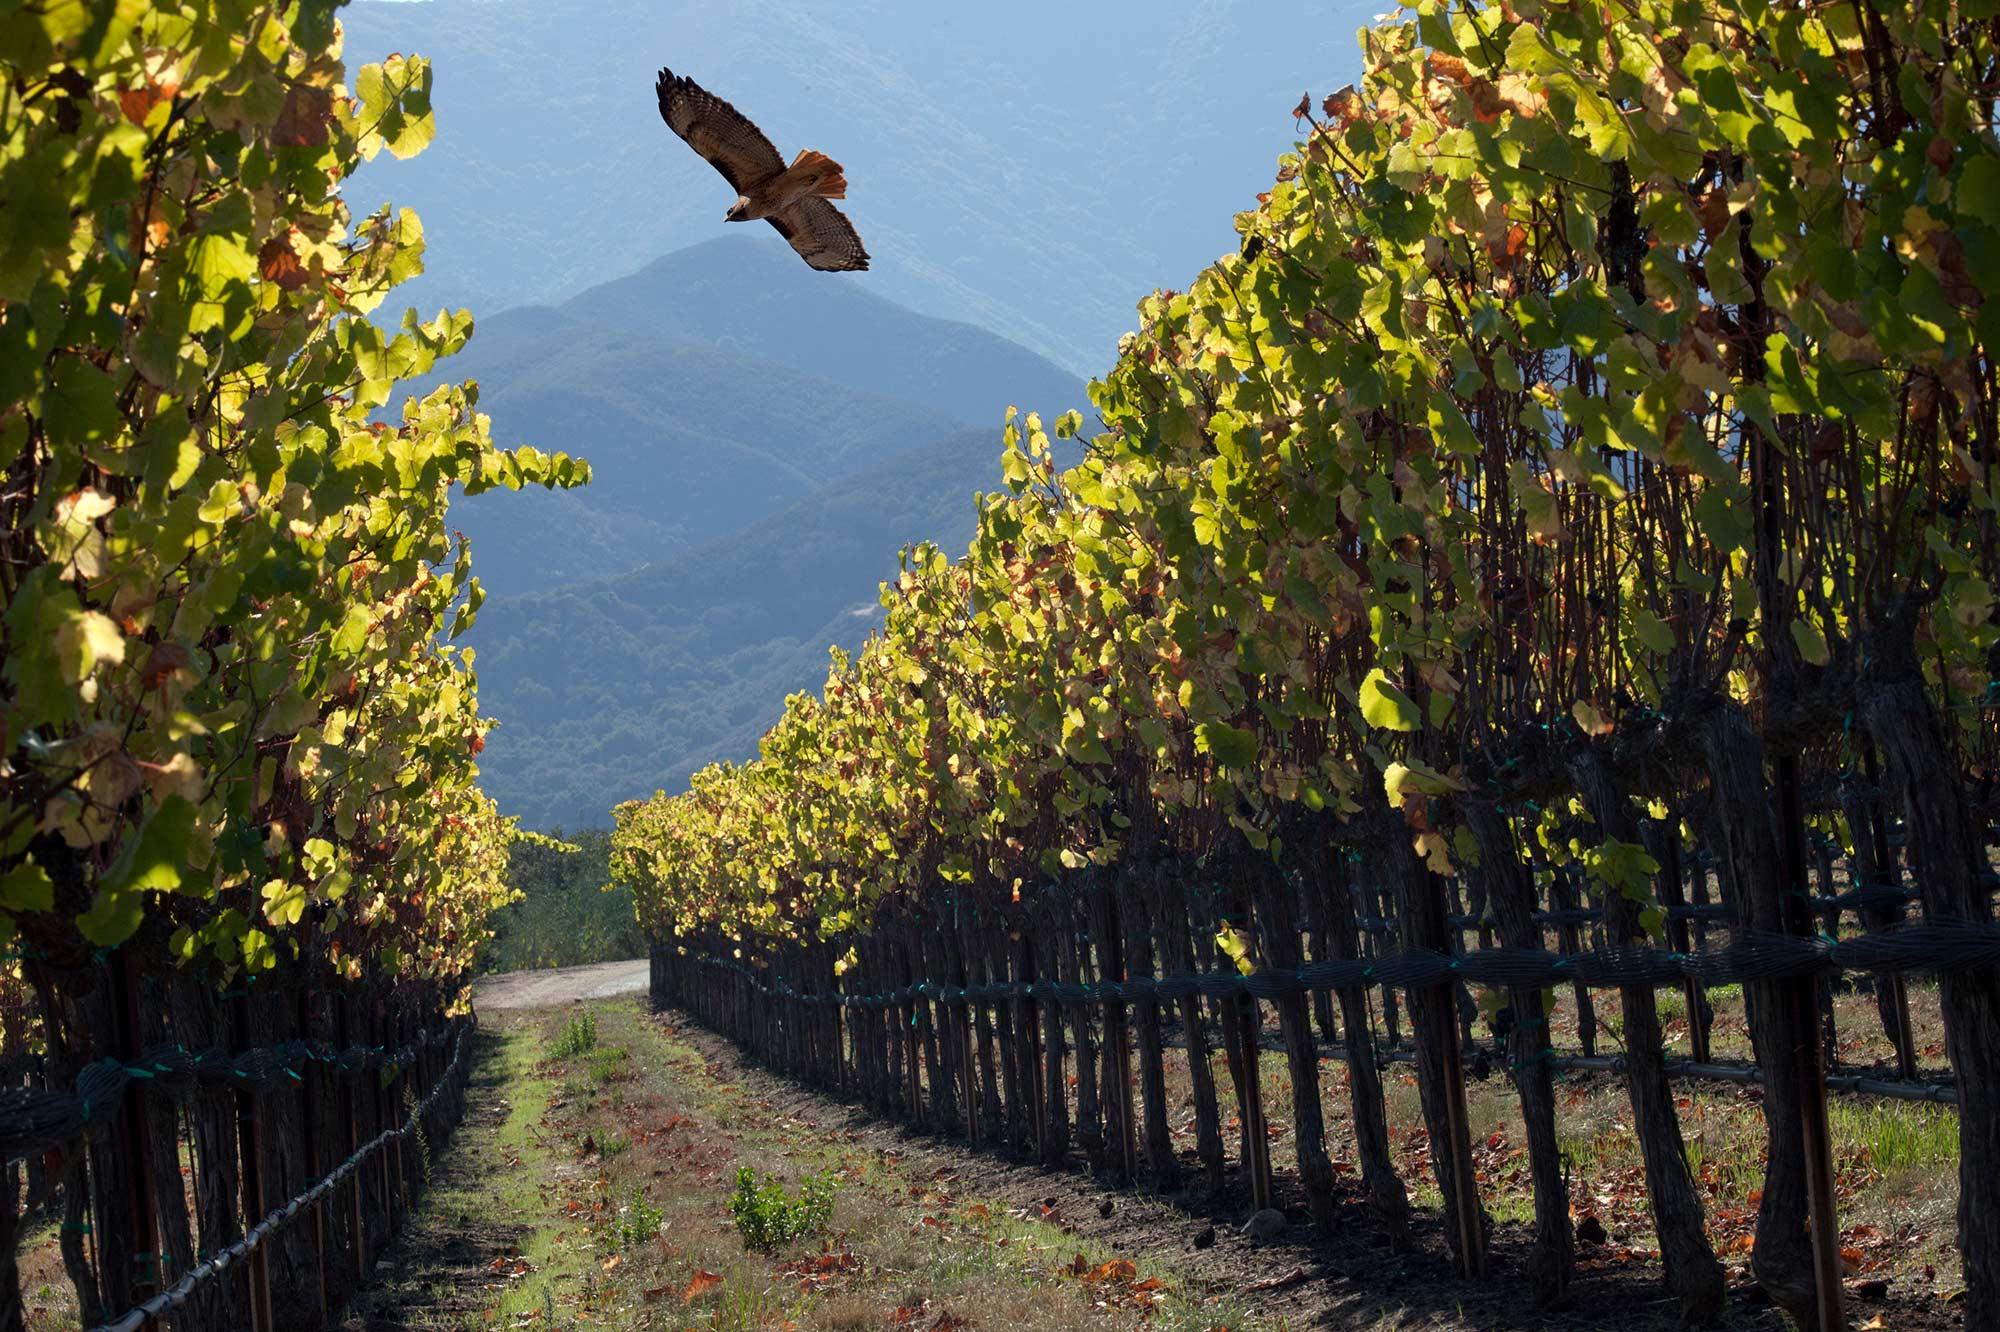 Eagle flies over Soberanes Vineyard